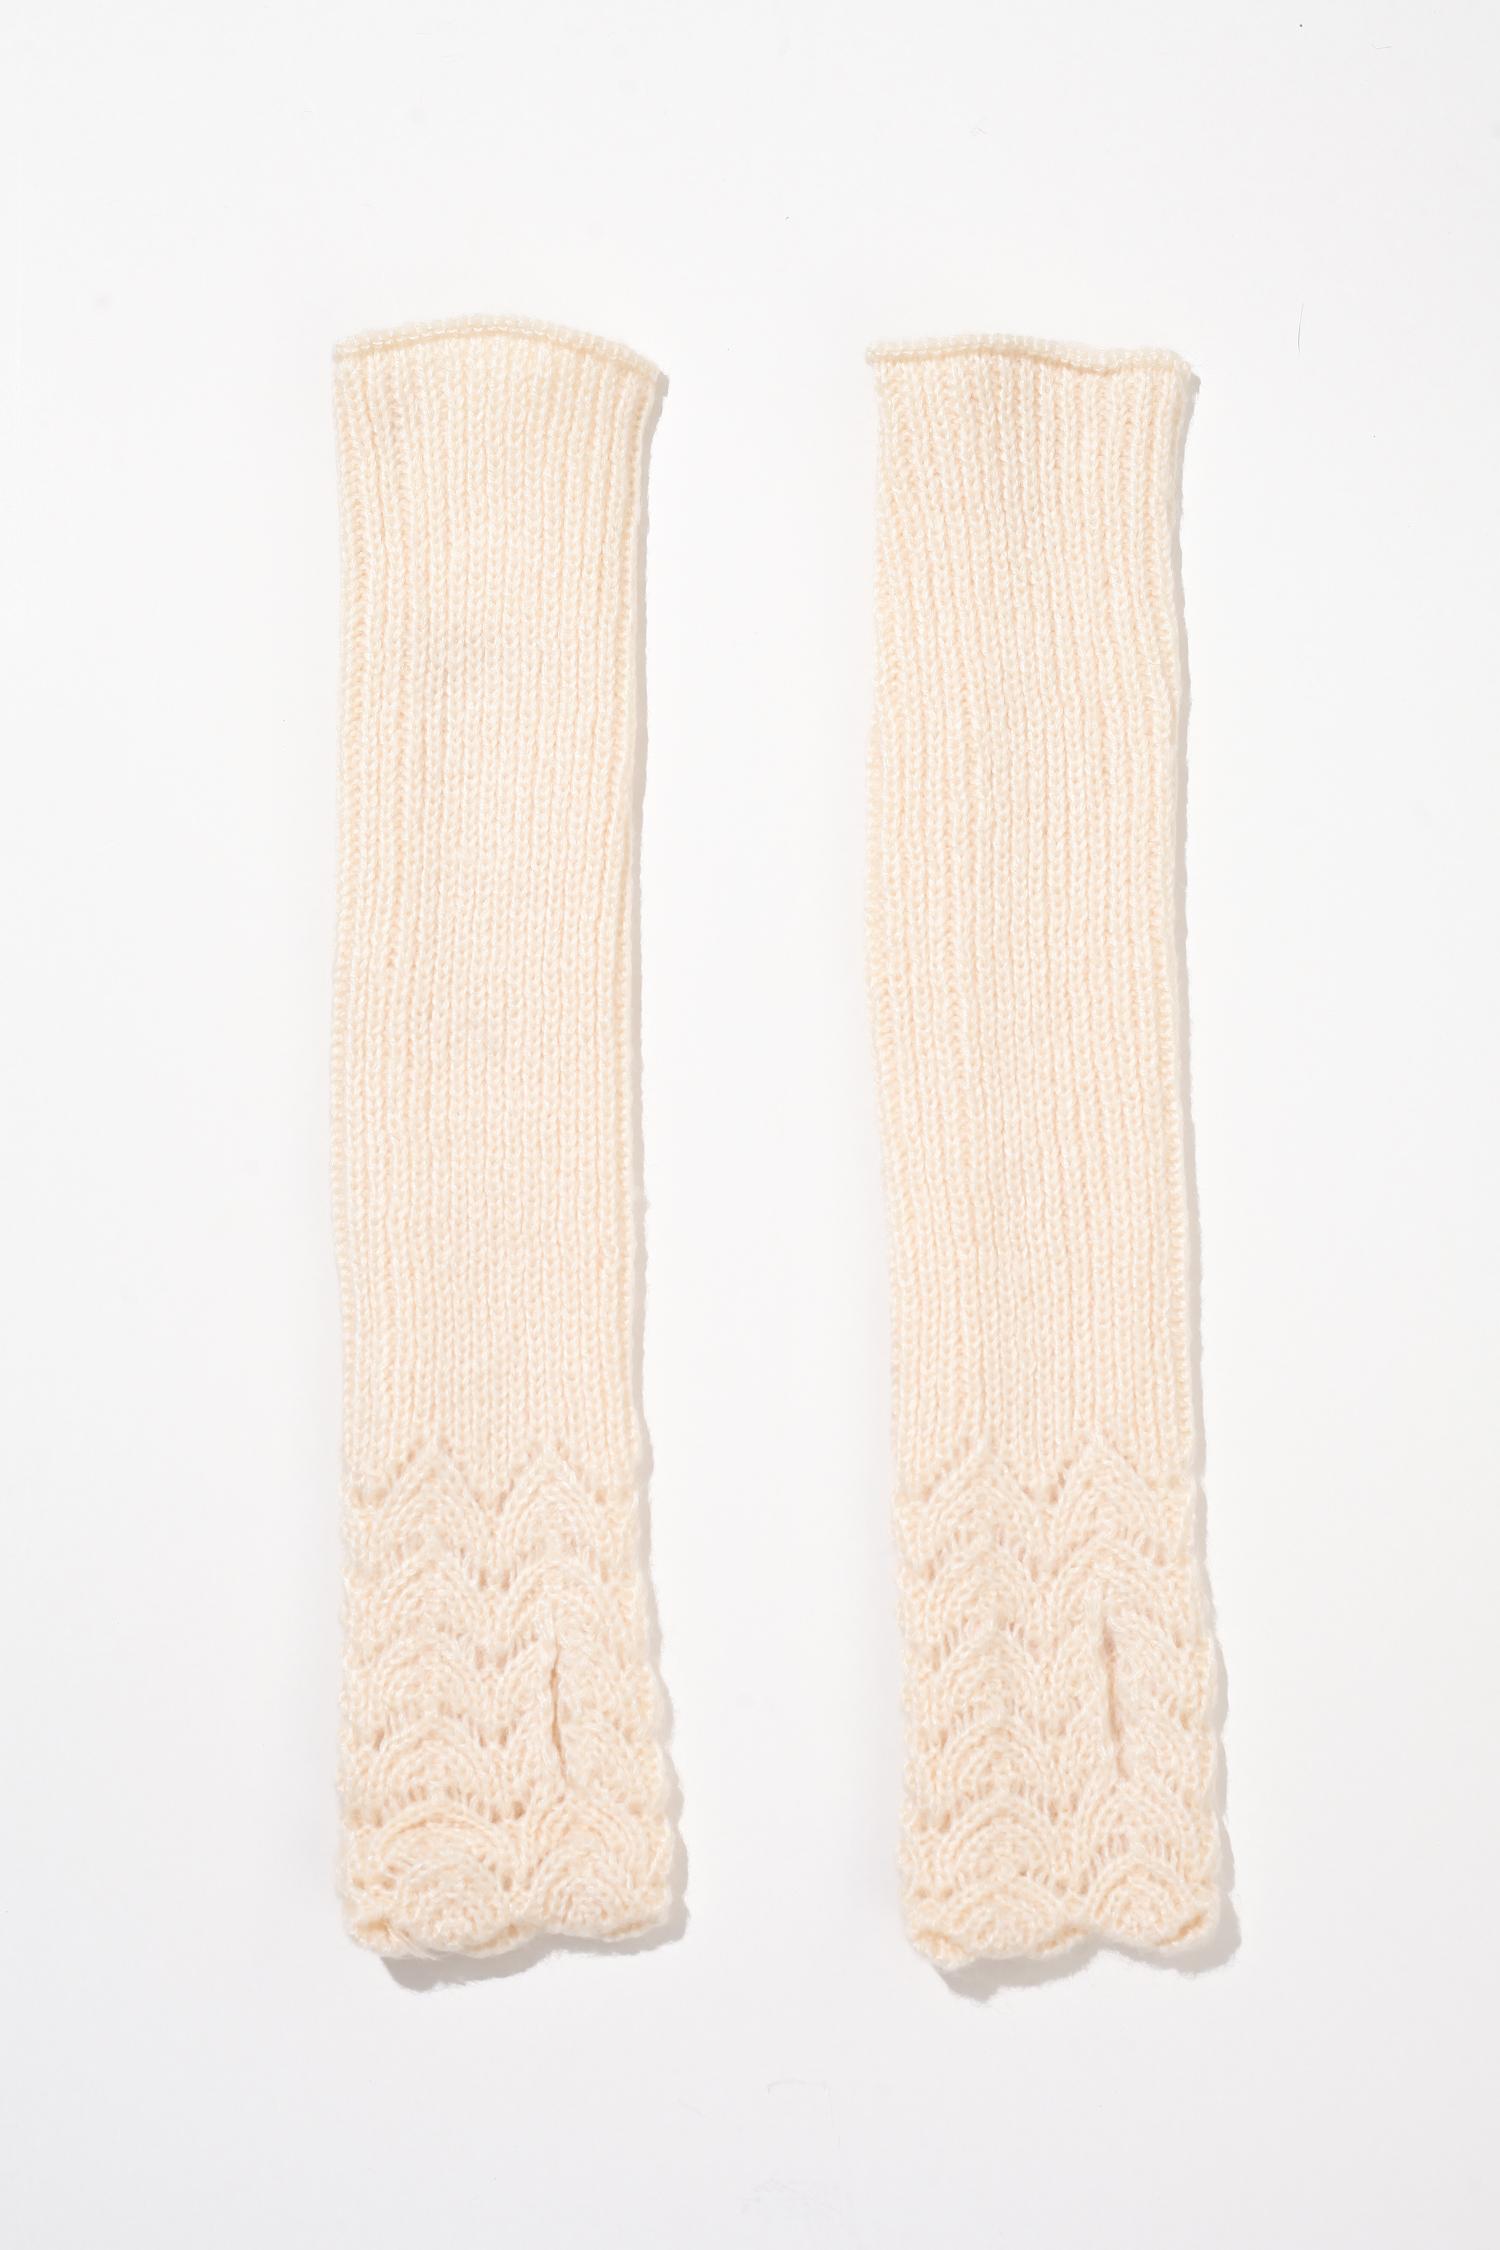 Митенки женские из текстиля<br><br>Длина см: 40<br>Материал: Текстиль<br>Цвет: Светло-бежевый<br>Пол: Женский